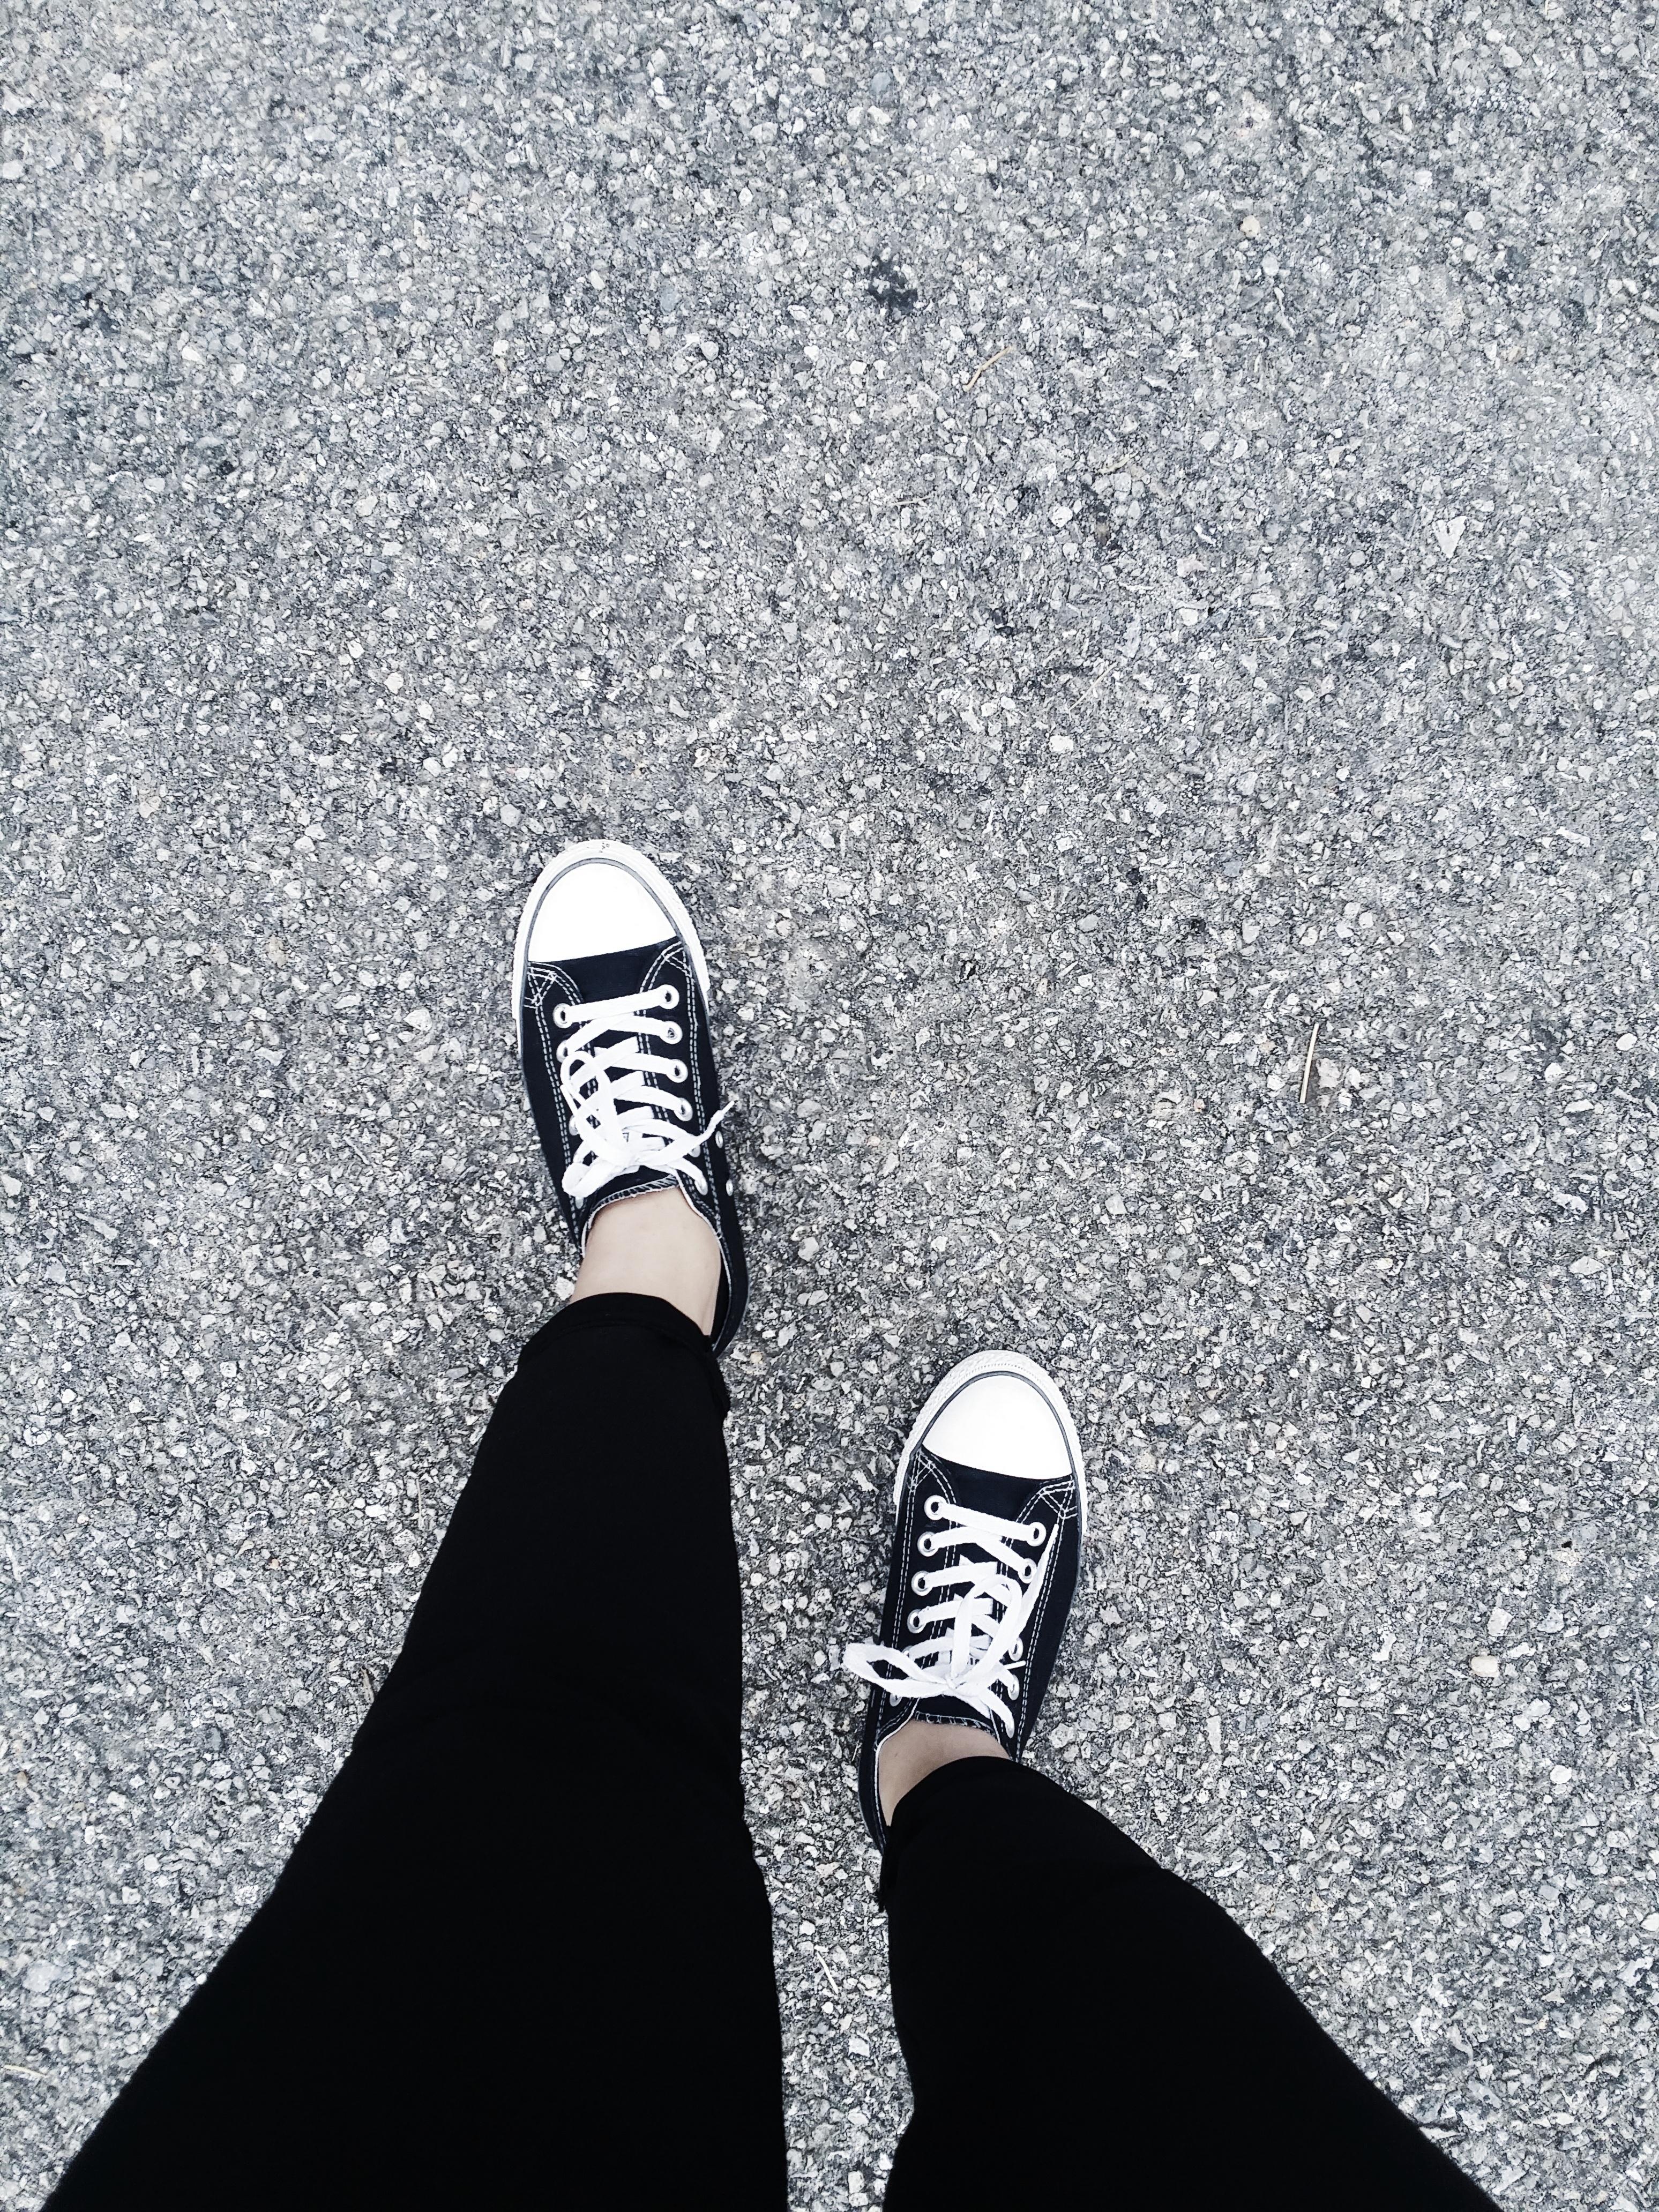 Fotos gratis : zapato, en blanco y negro, la carretera, suelo ...